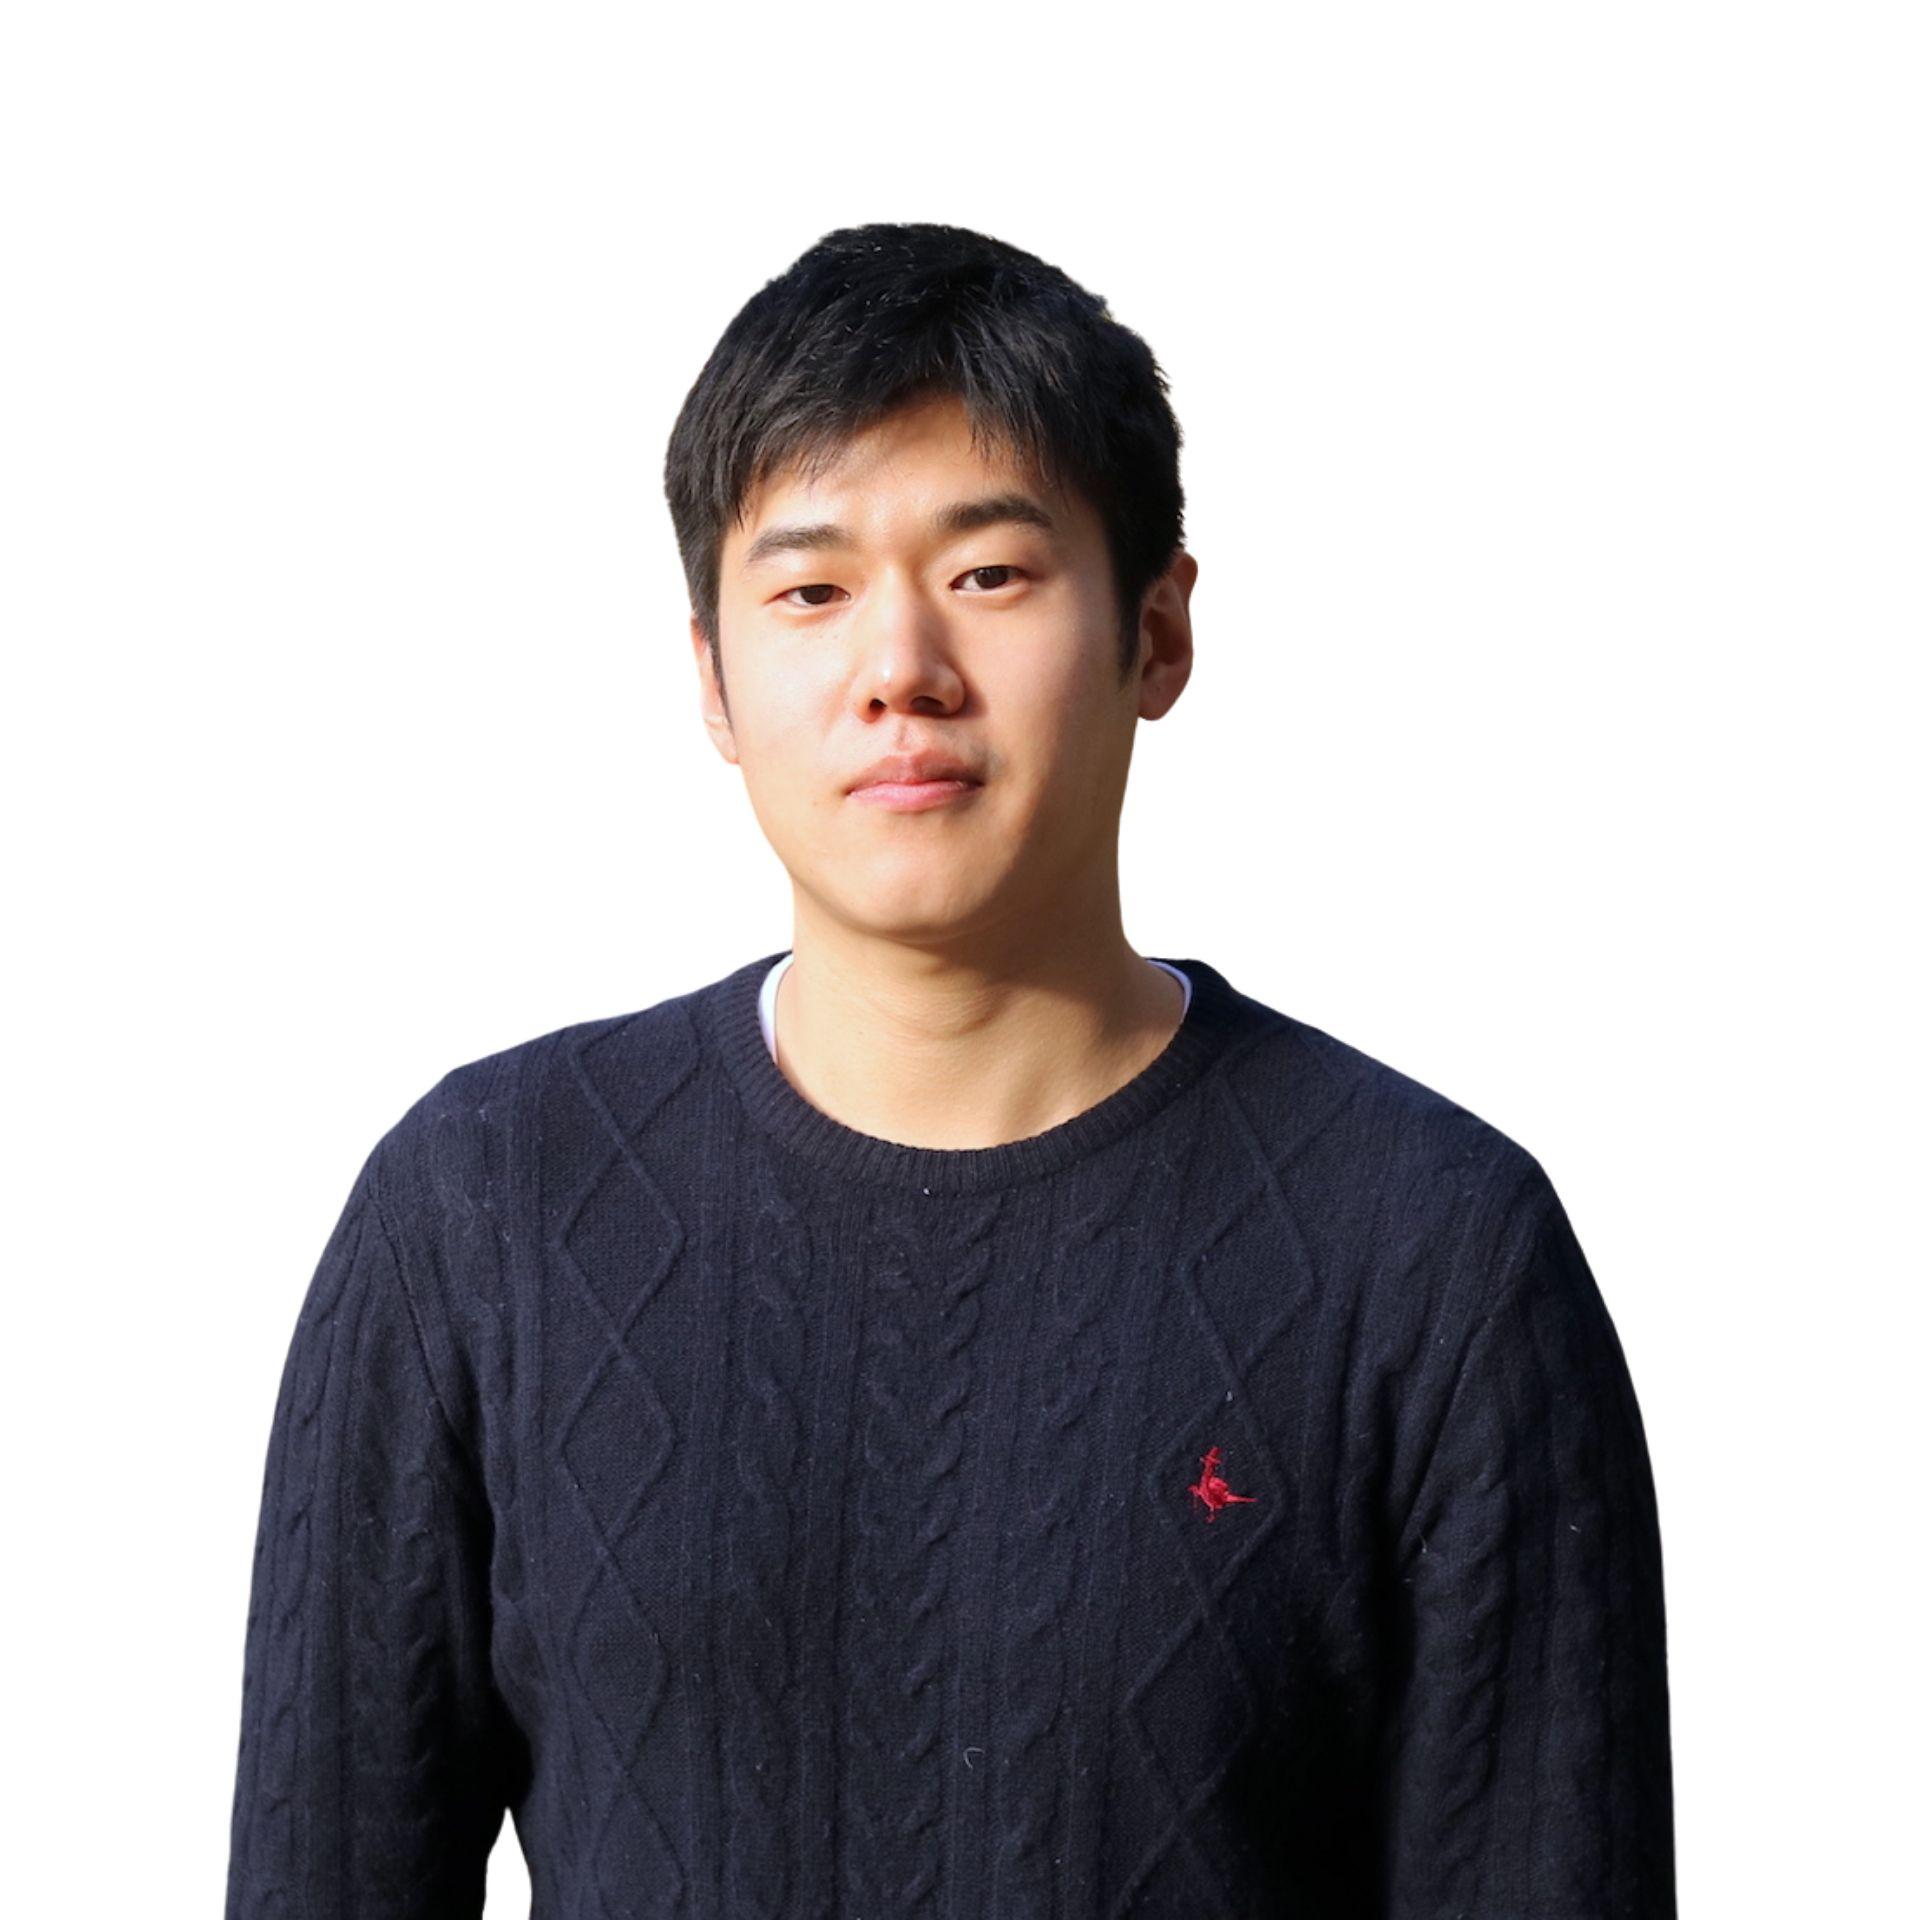 Minjoon Choi